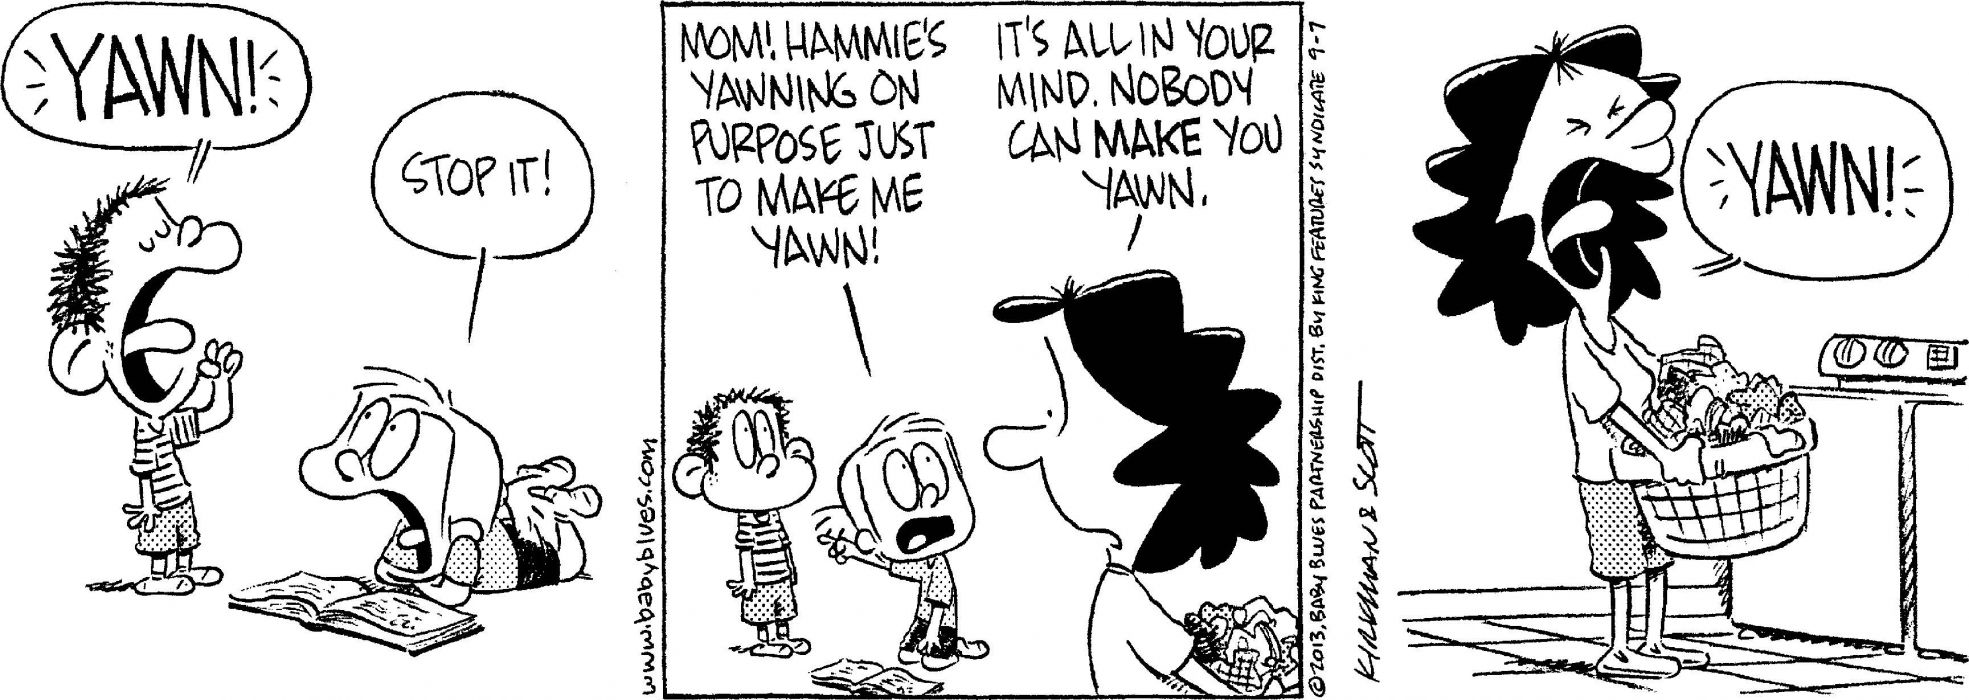 BABY-BLUES comicstrip comics baby funny humor (16) wallpaper